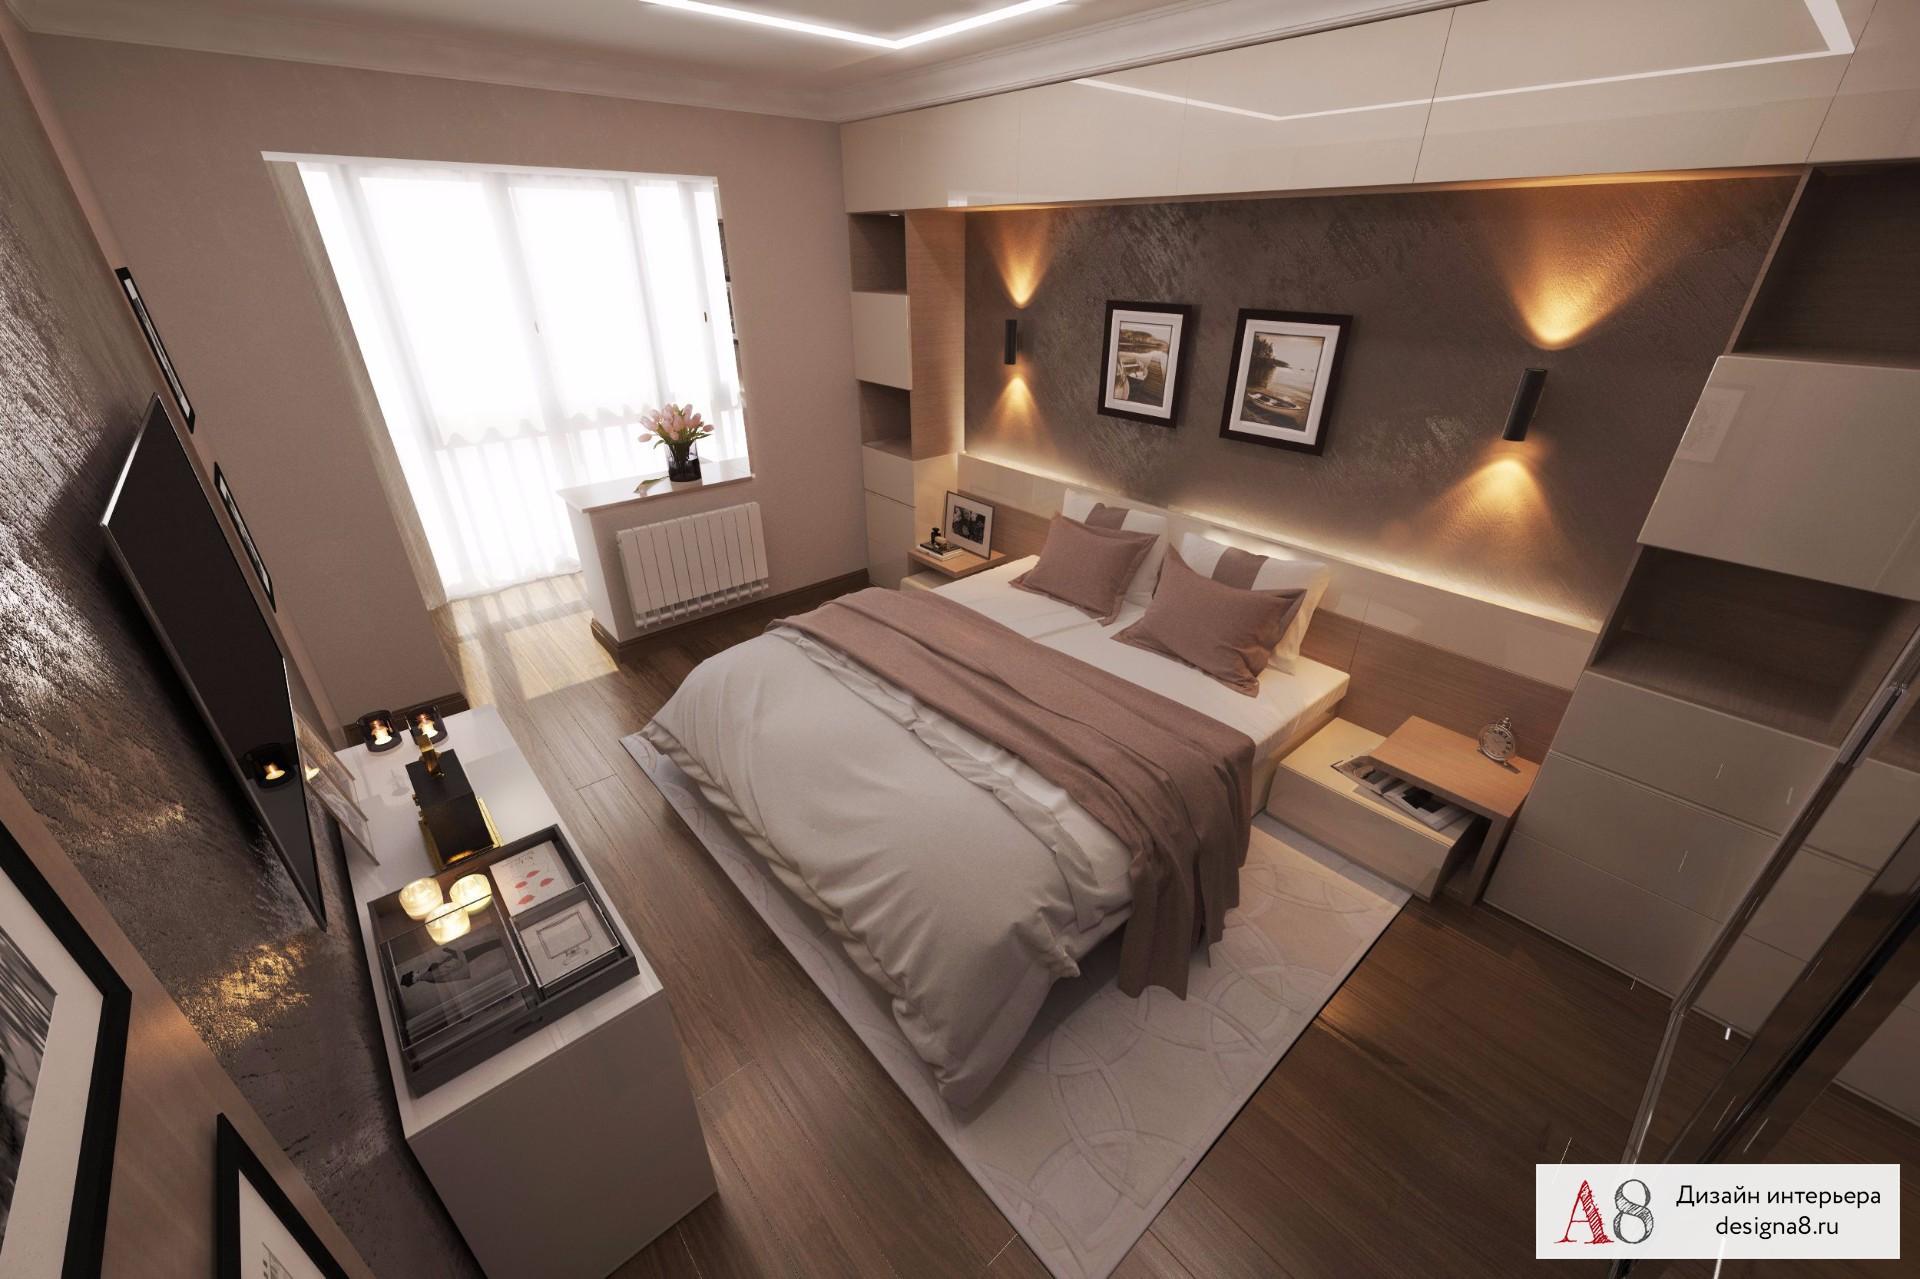 Интерьер спальни фото 17 кв.м